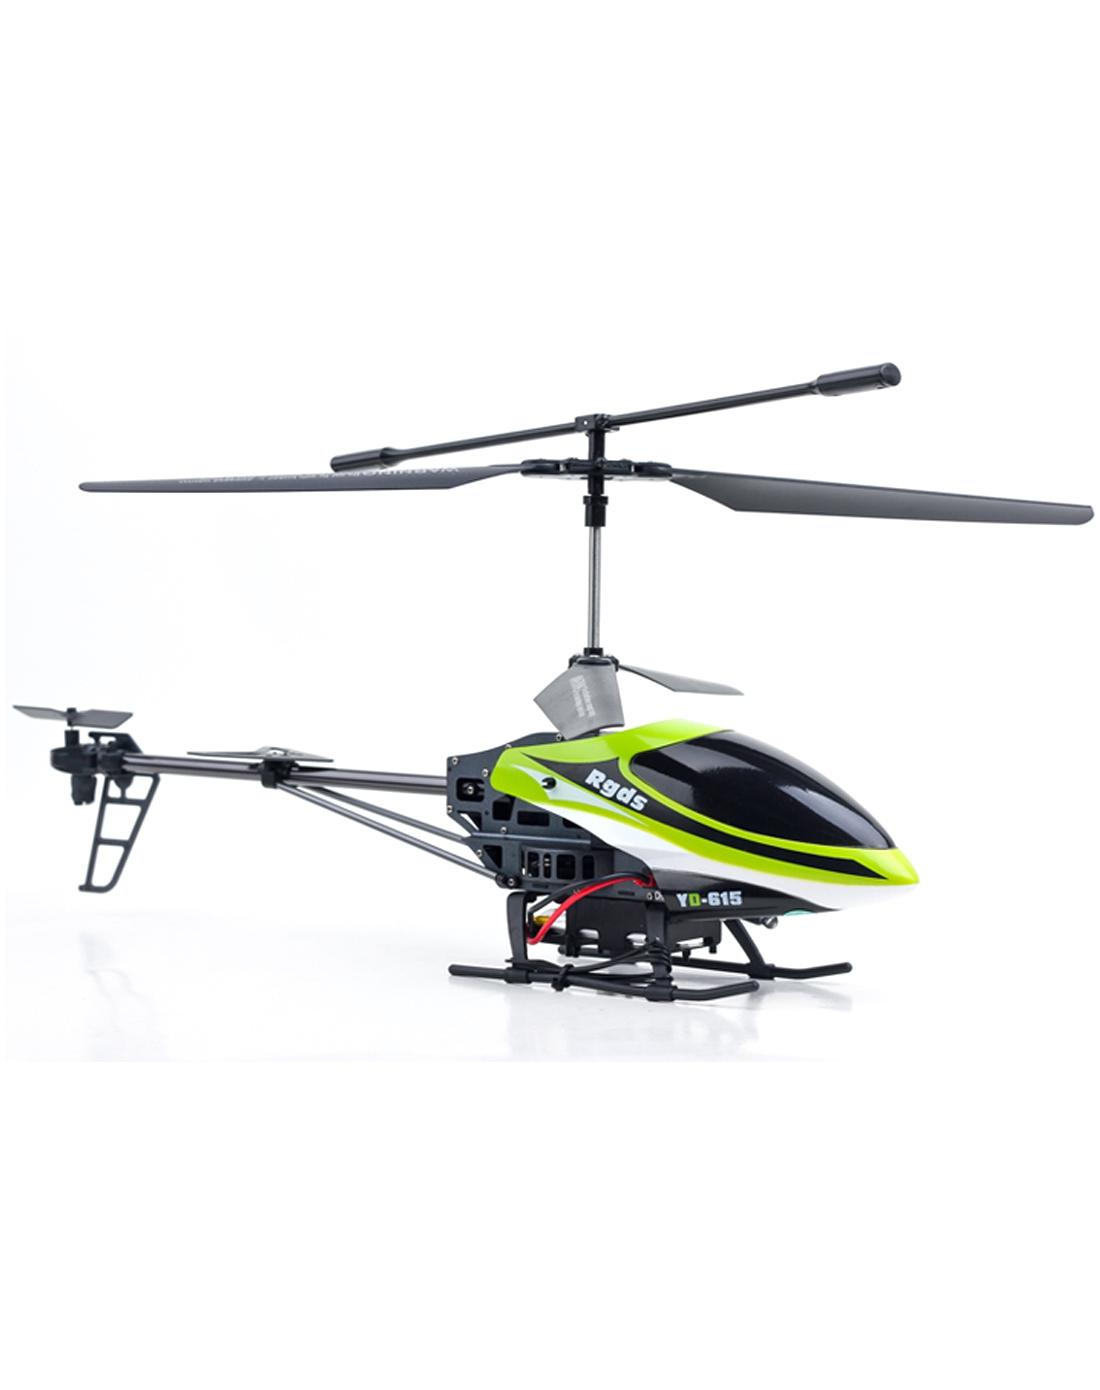 遥控玩具雅得 飞机模型3.5通道合金遥控飞机yd-615